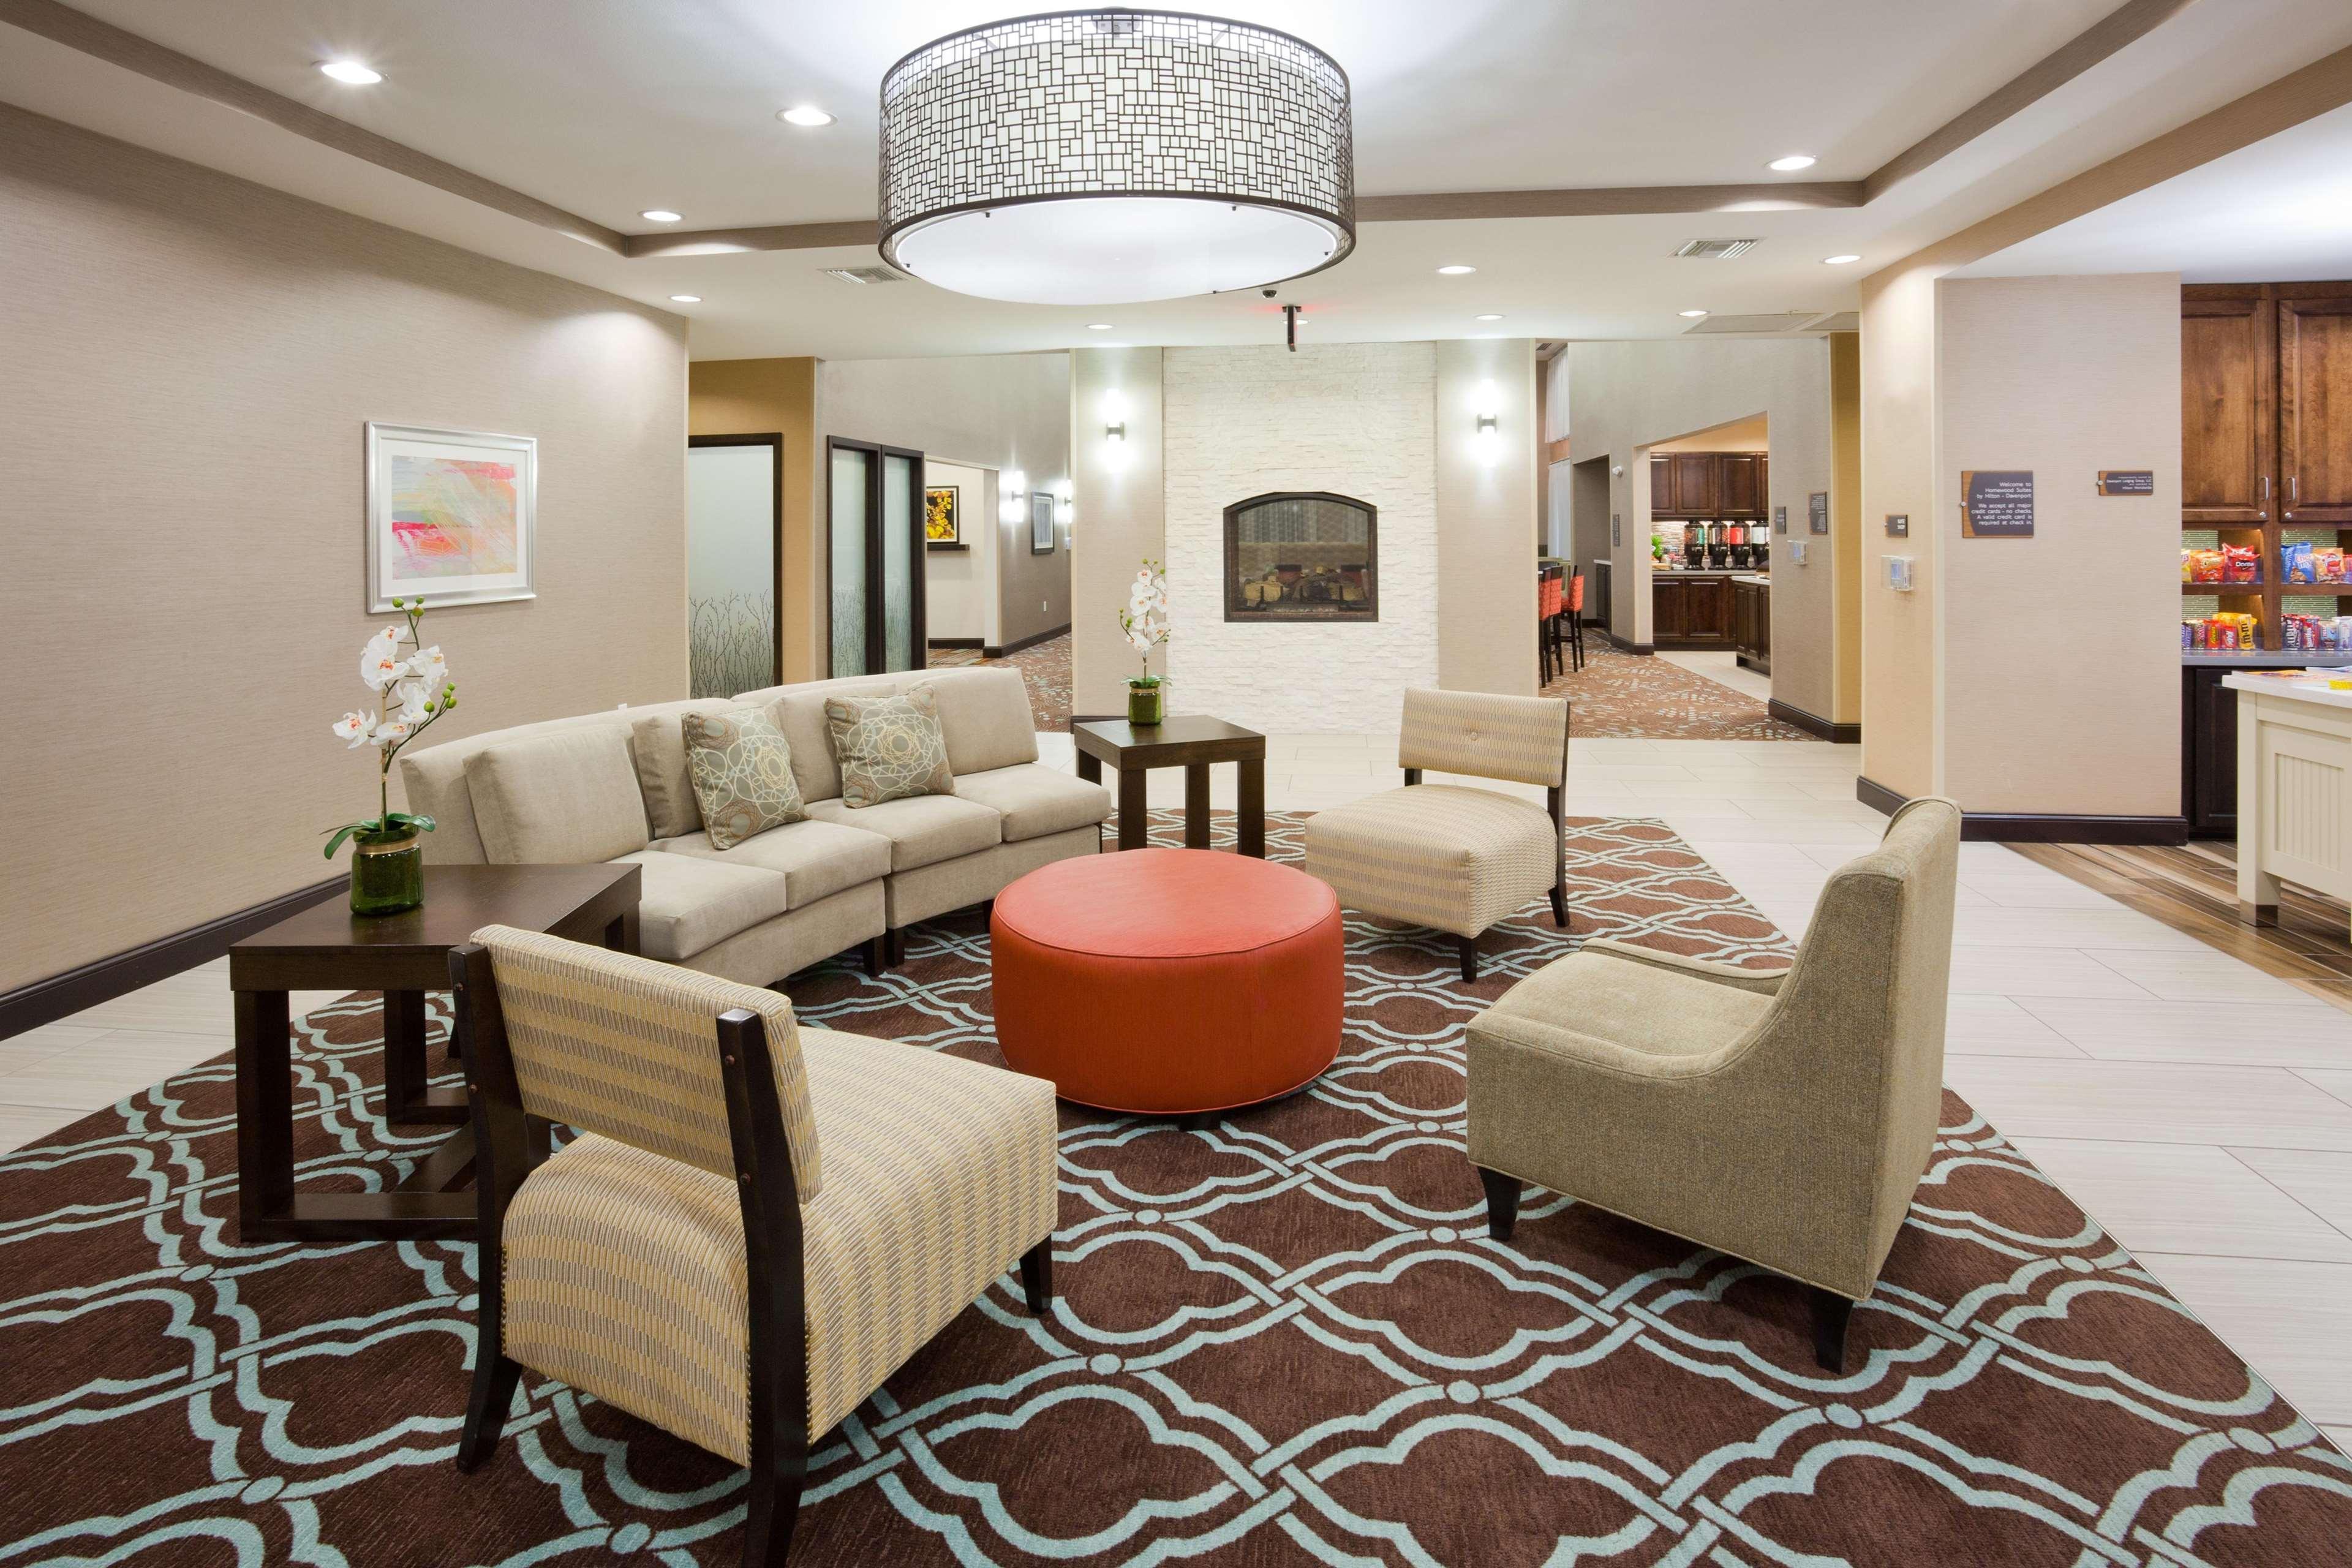 Homewood Suites by Hilton Davenport image 1